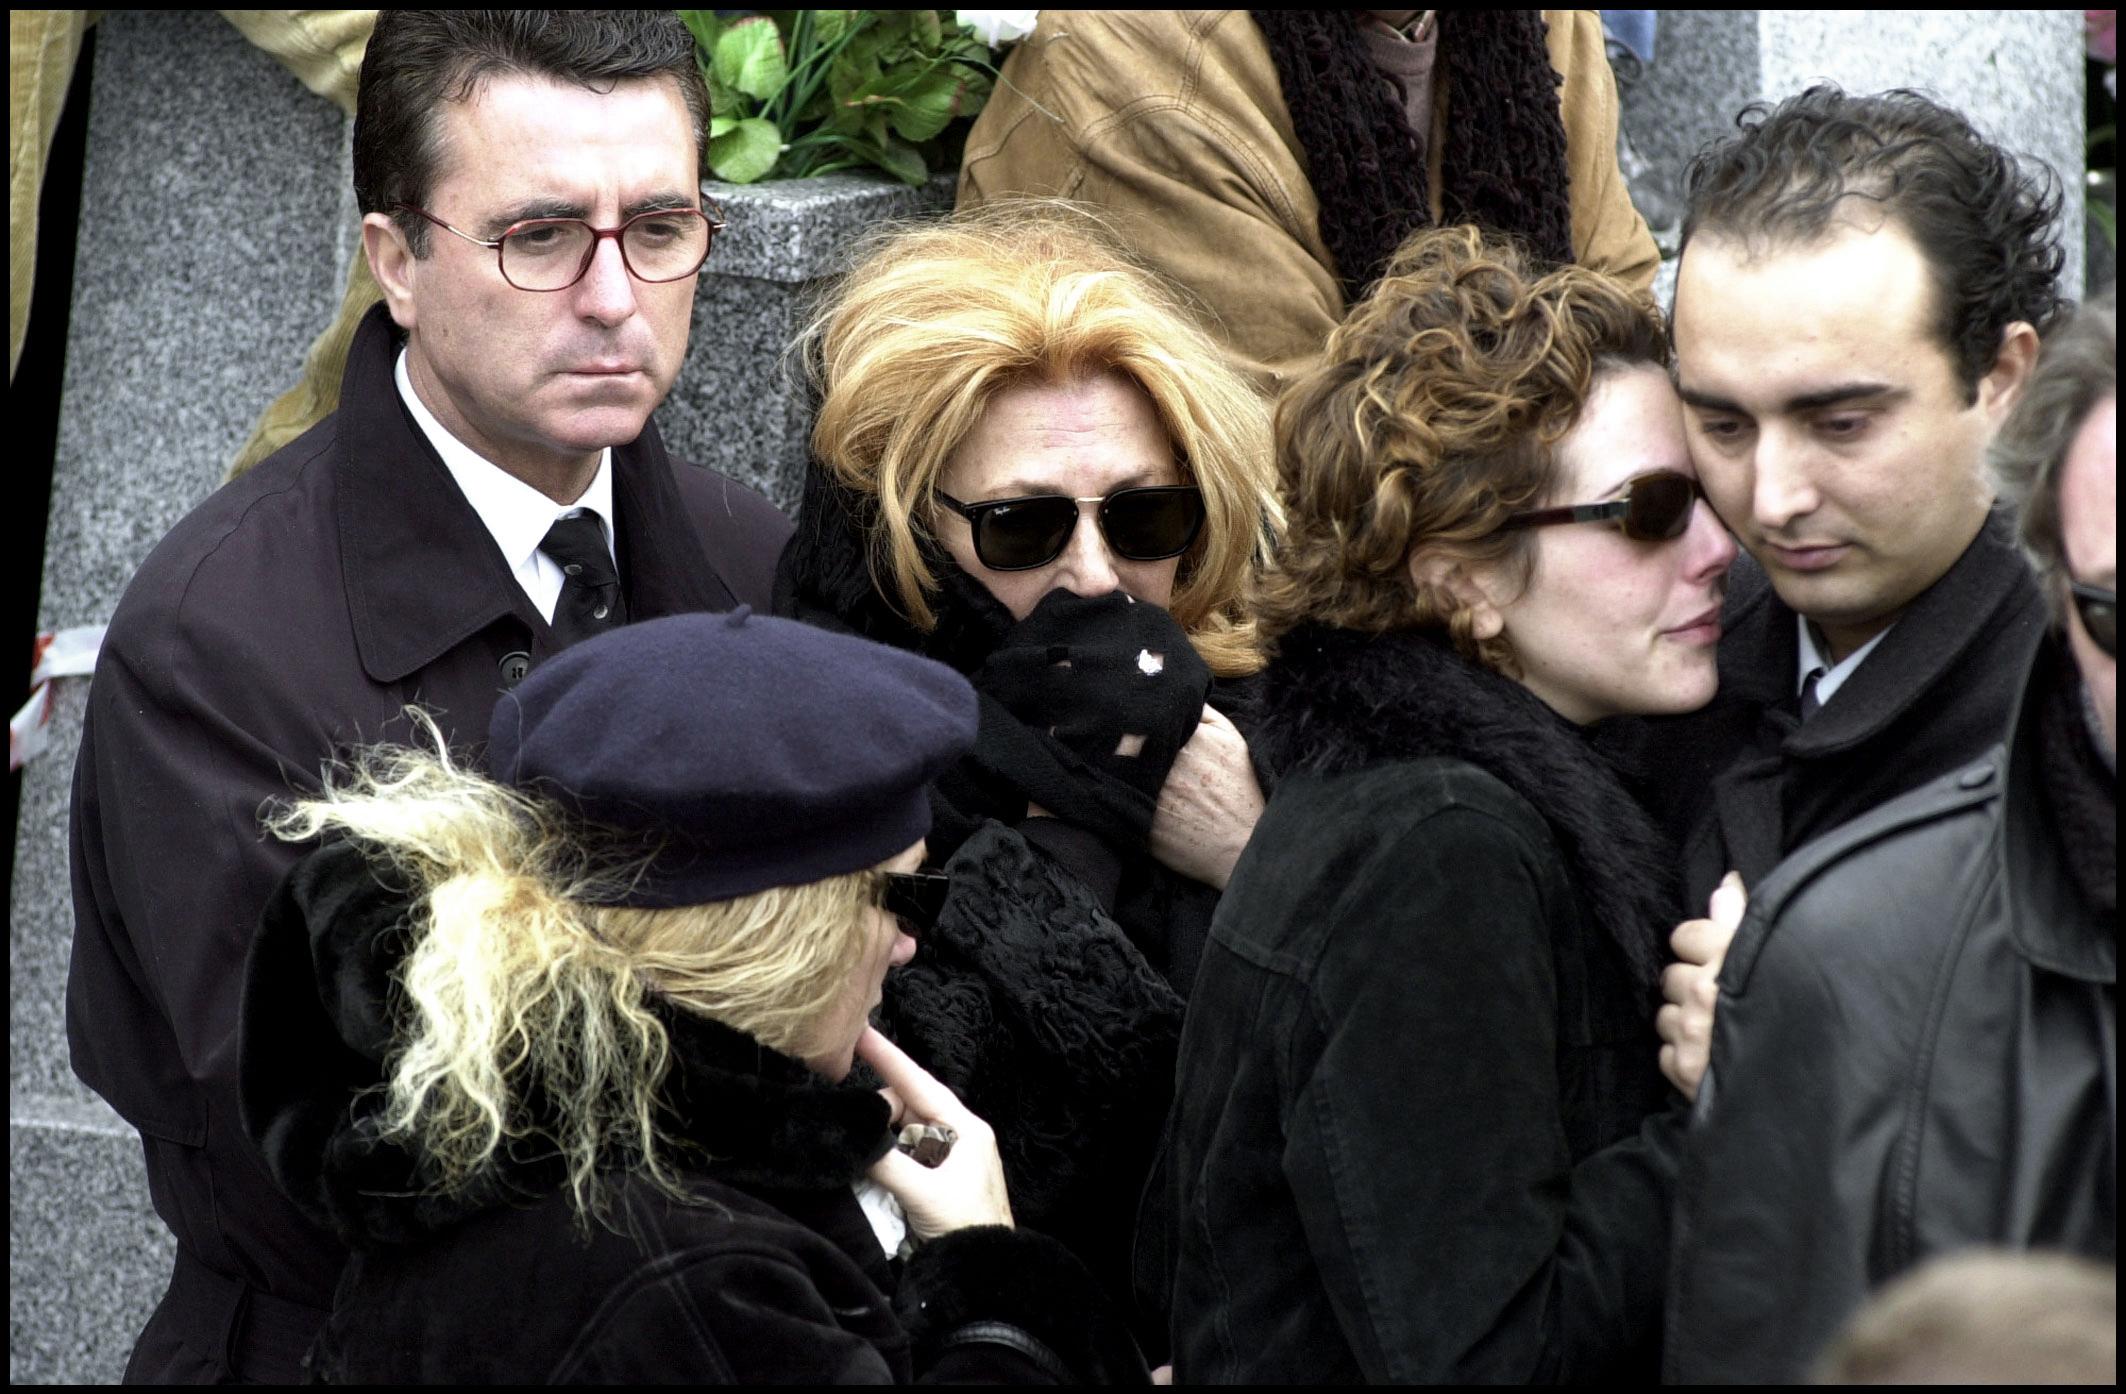 Rocío Carrasco, Fidel Albiac, José Ortega Cano y Rocío Jurando, en el entierro de Pedro Carrasco JJS / © Korpa